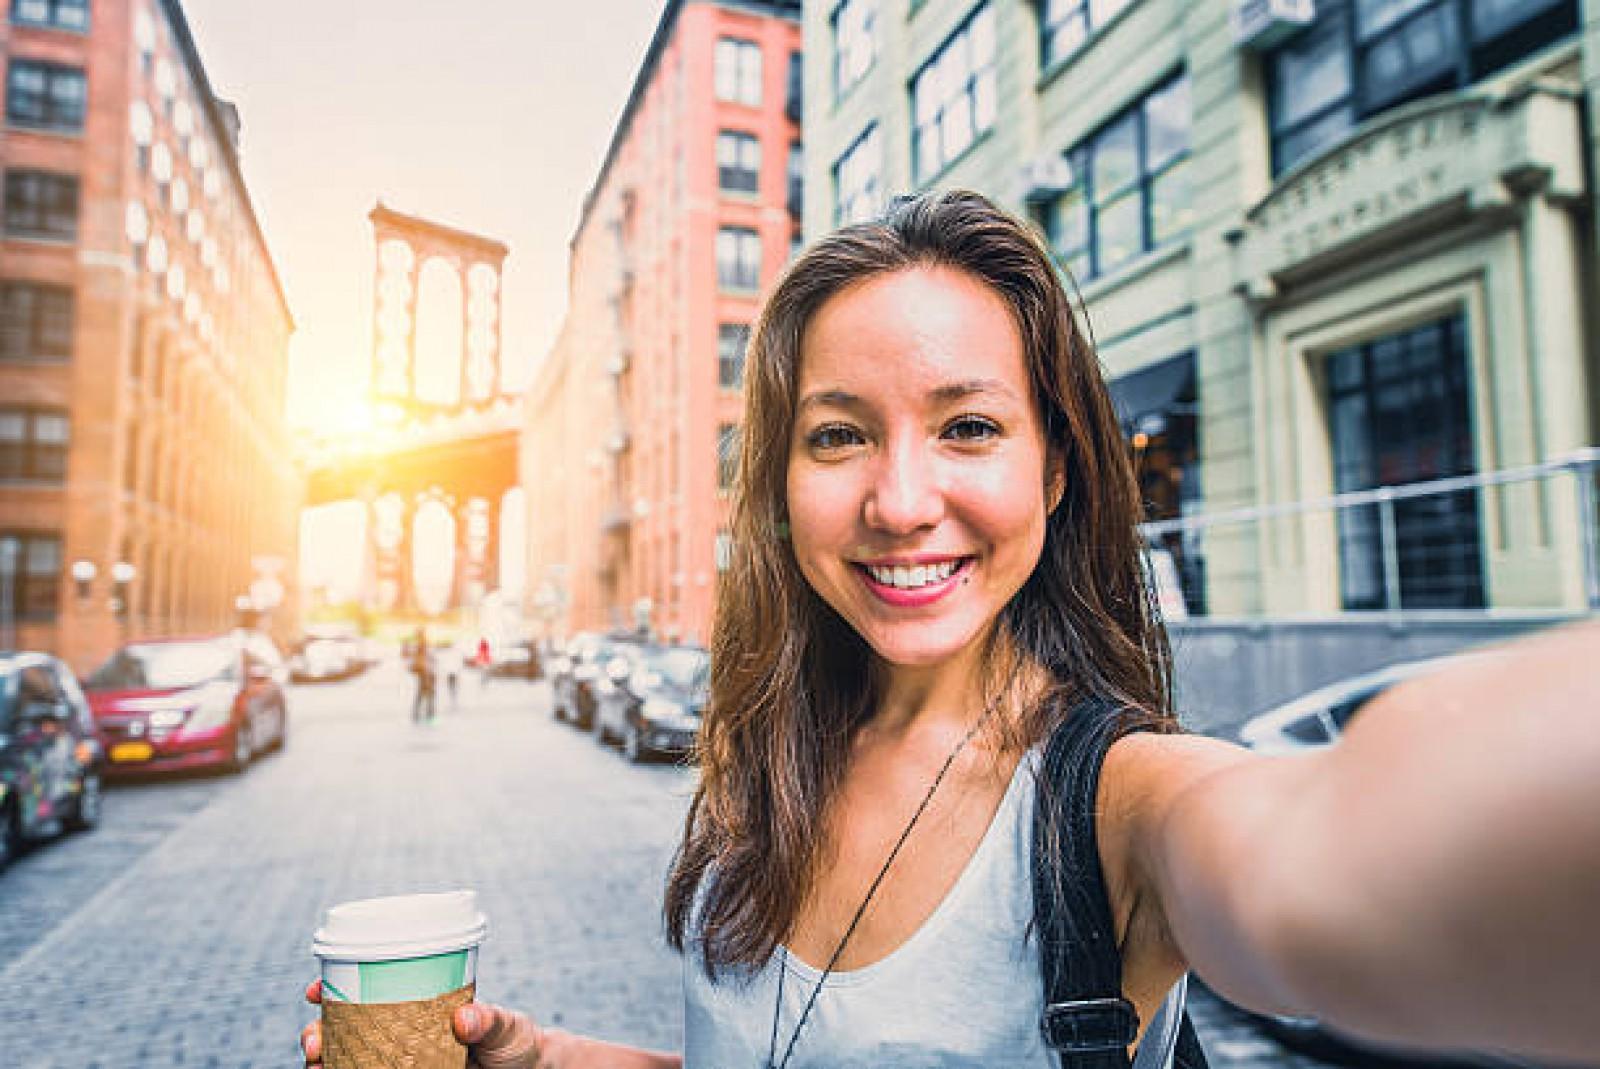 Nu, nasul tău nu e (chiar) atât de mare, doar că aşa apare în selfie-uri. Tehnici pentru o fotografie reușită